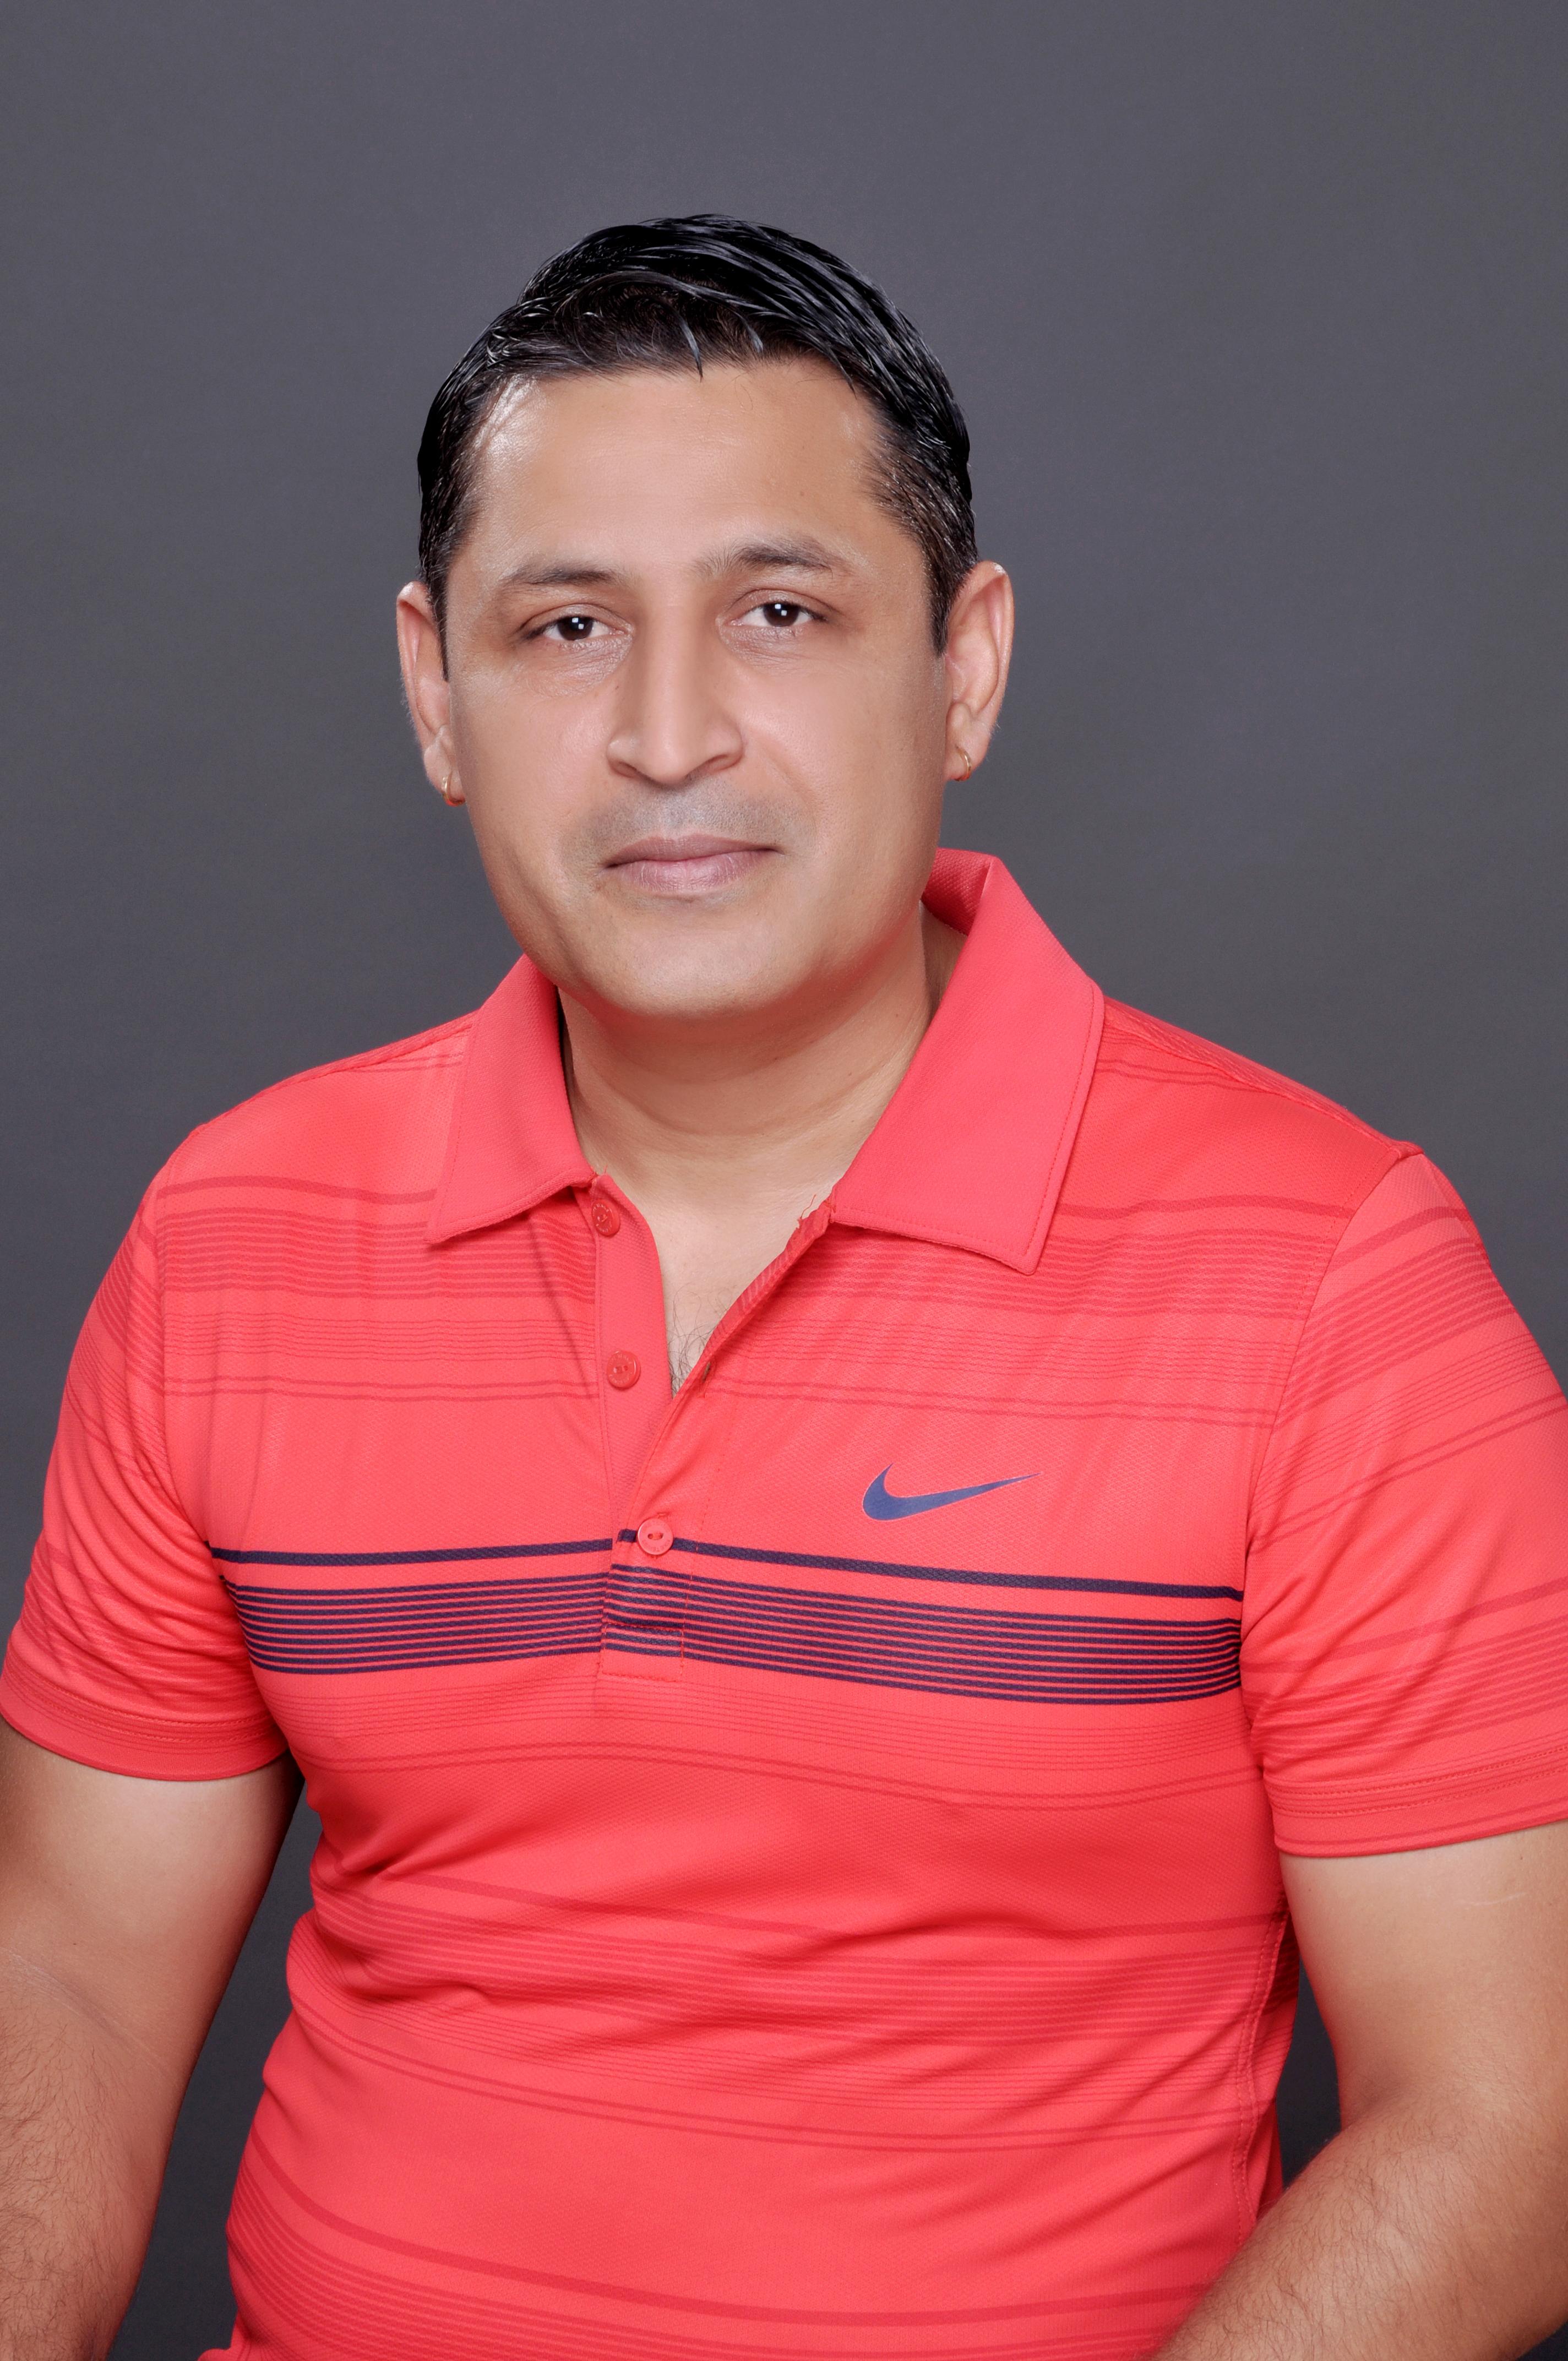 Kapil Kumar Bhaskar